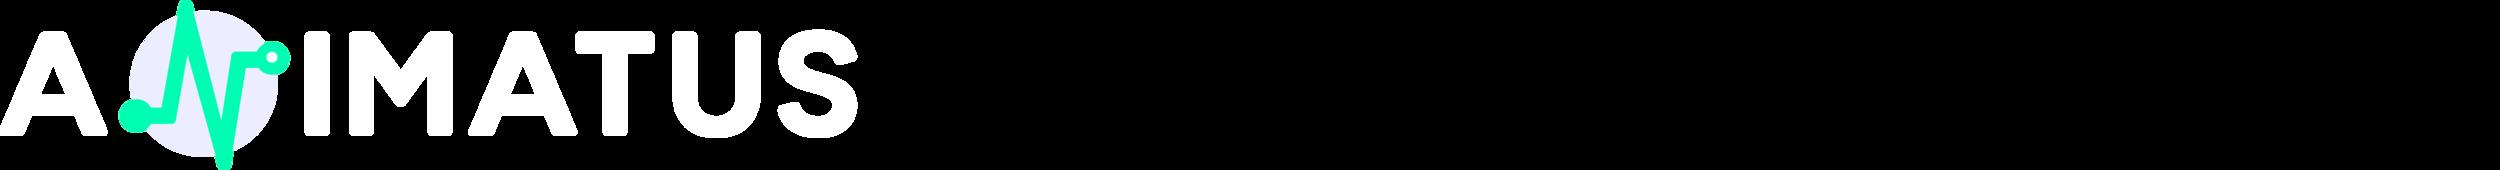 Animatus-Logo-Footer.png